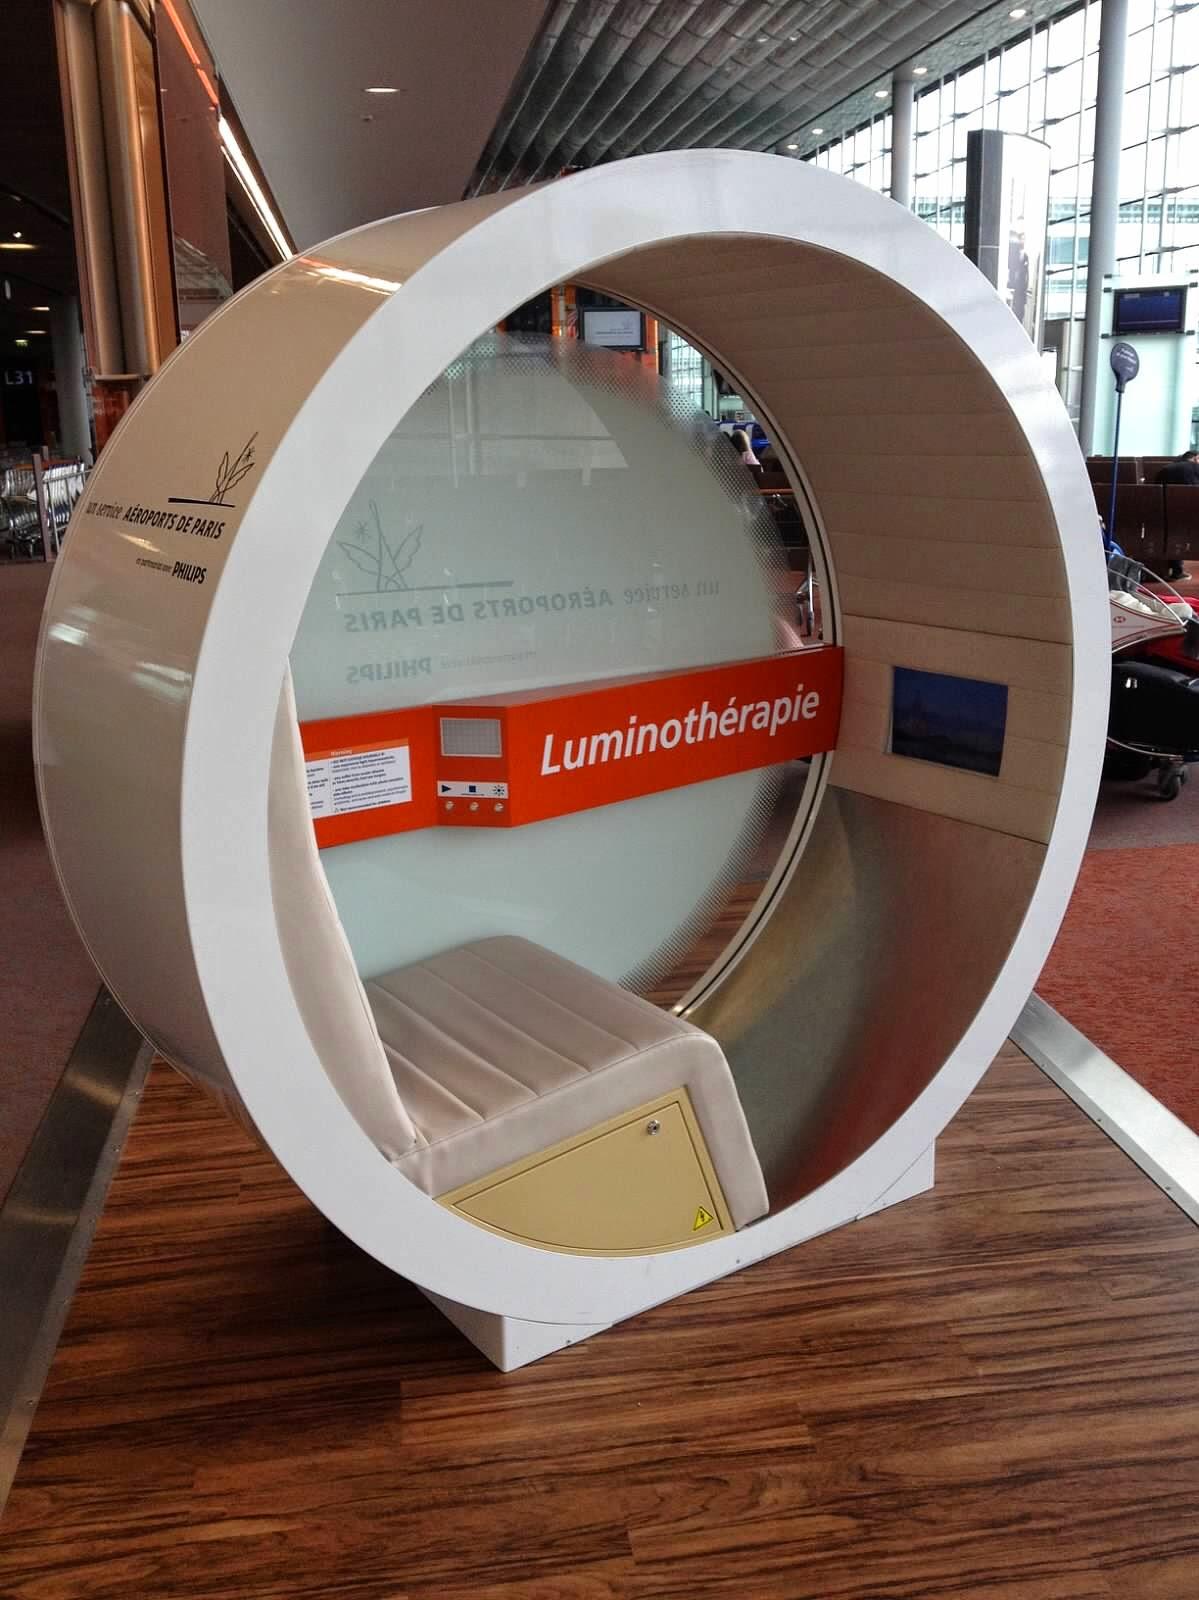 Luminotherapie-Charles-De-Gaulle-Airport-Paris